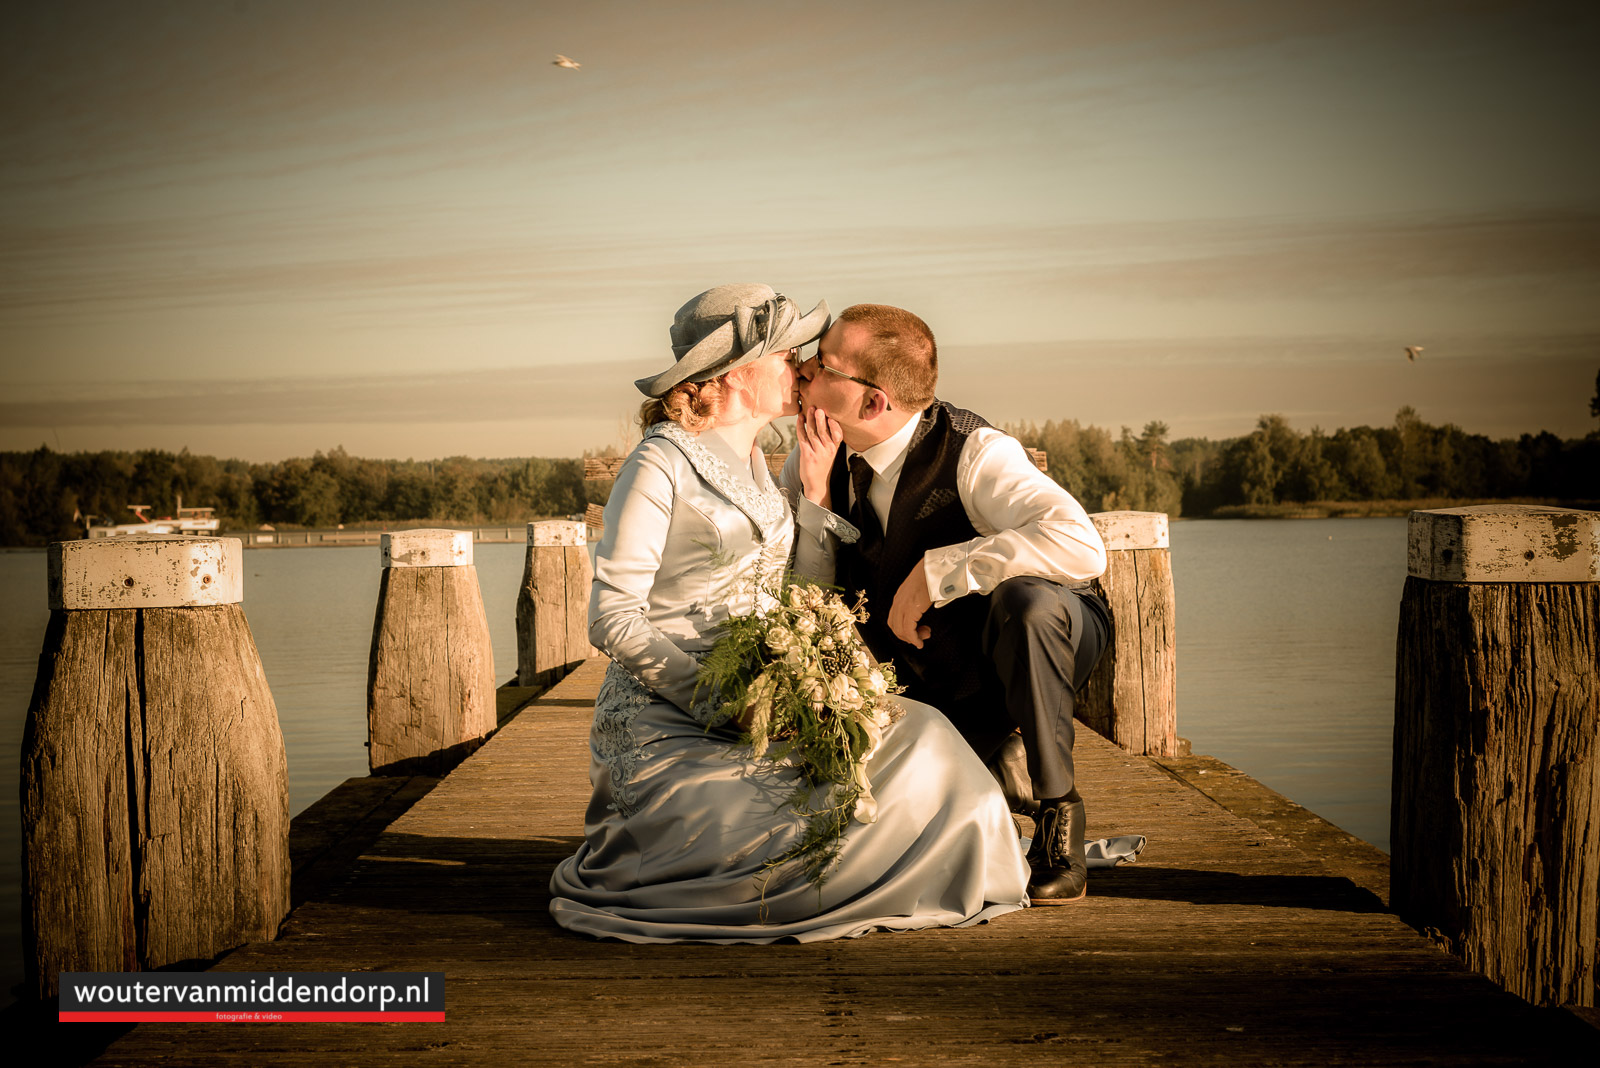 bruidsfotografie Wouter van Middendorp Uddel, Putten, -28